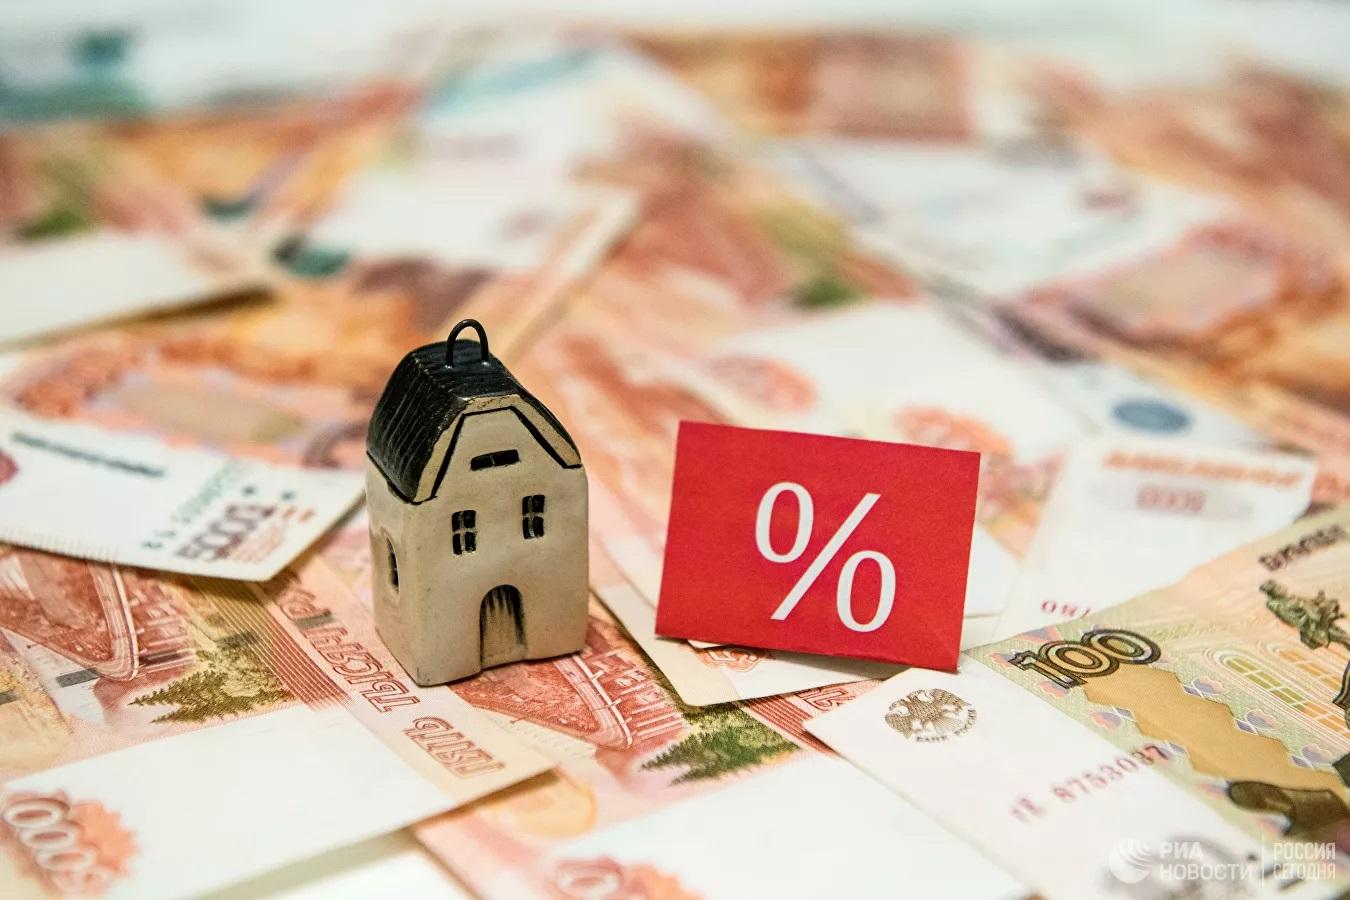 «А101» и Совкомбанк выводят на рынок бизнес-ипотеку с субсидированной ставкой 0,01%